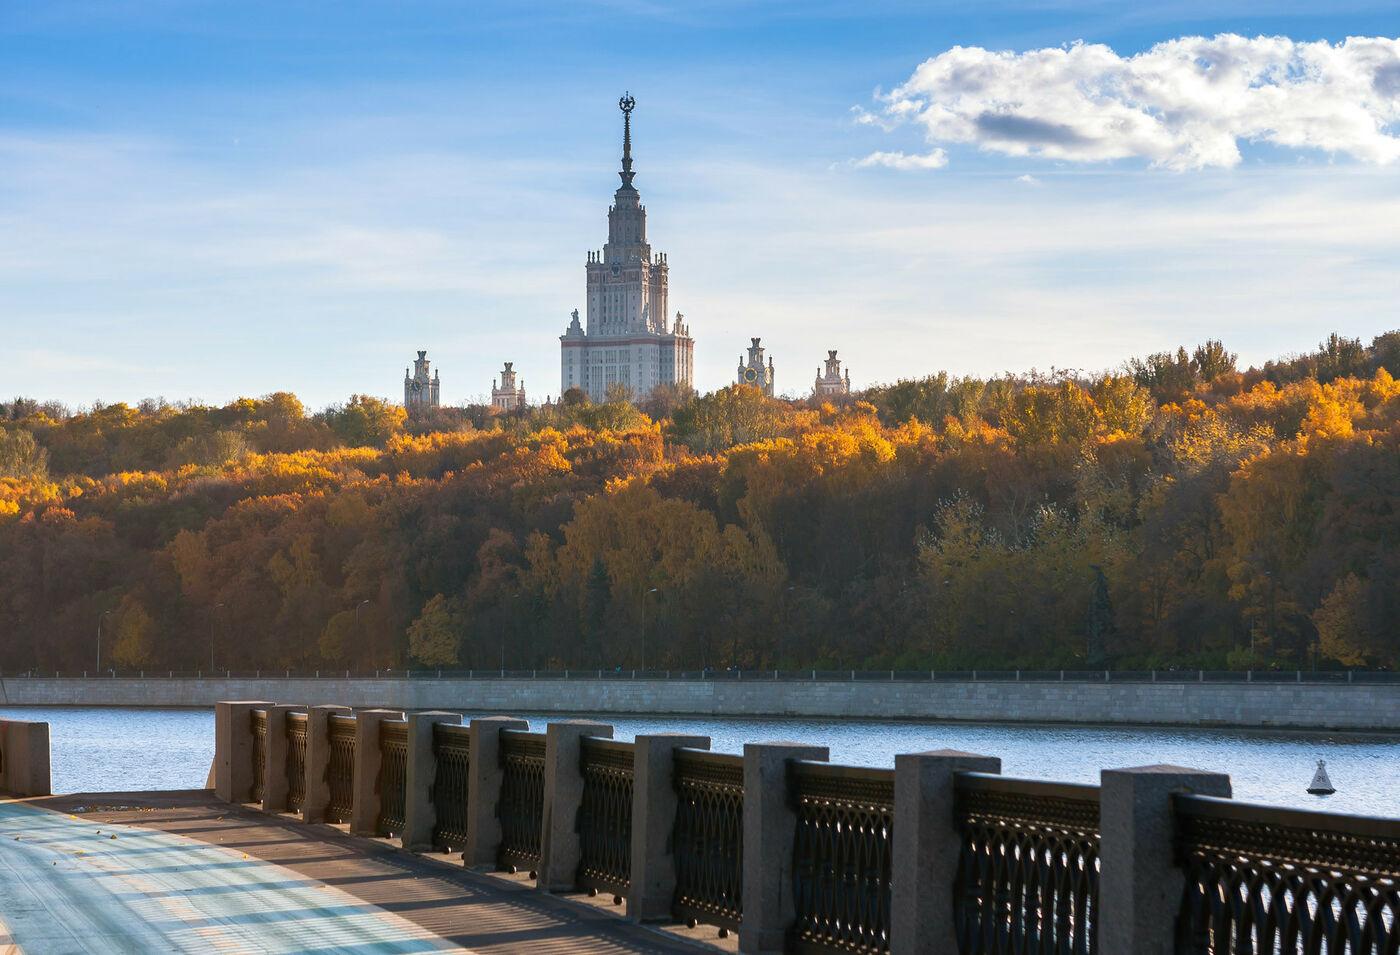 Приглашаем учащихся 7-11 классов принять участие в Осенней олимпиадной школе по физике в СУНЦ МГУ